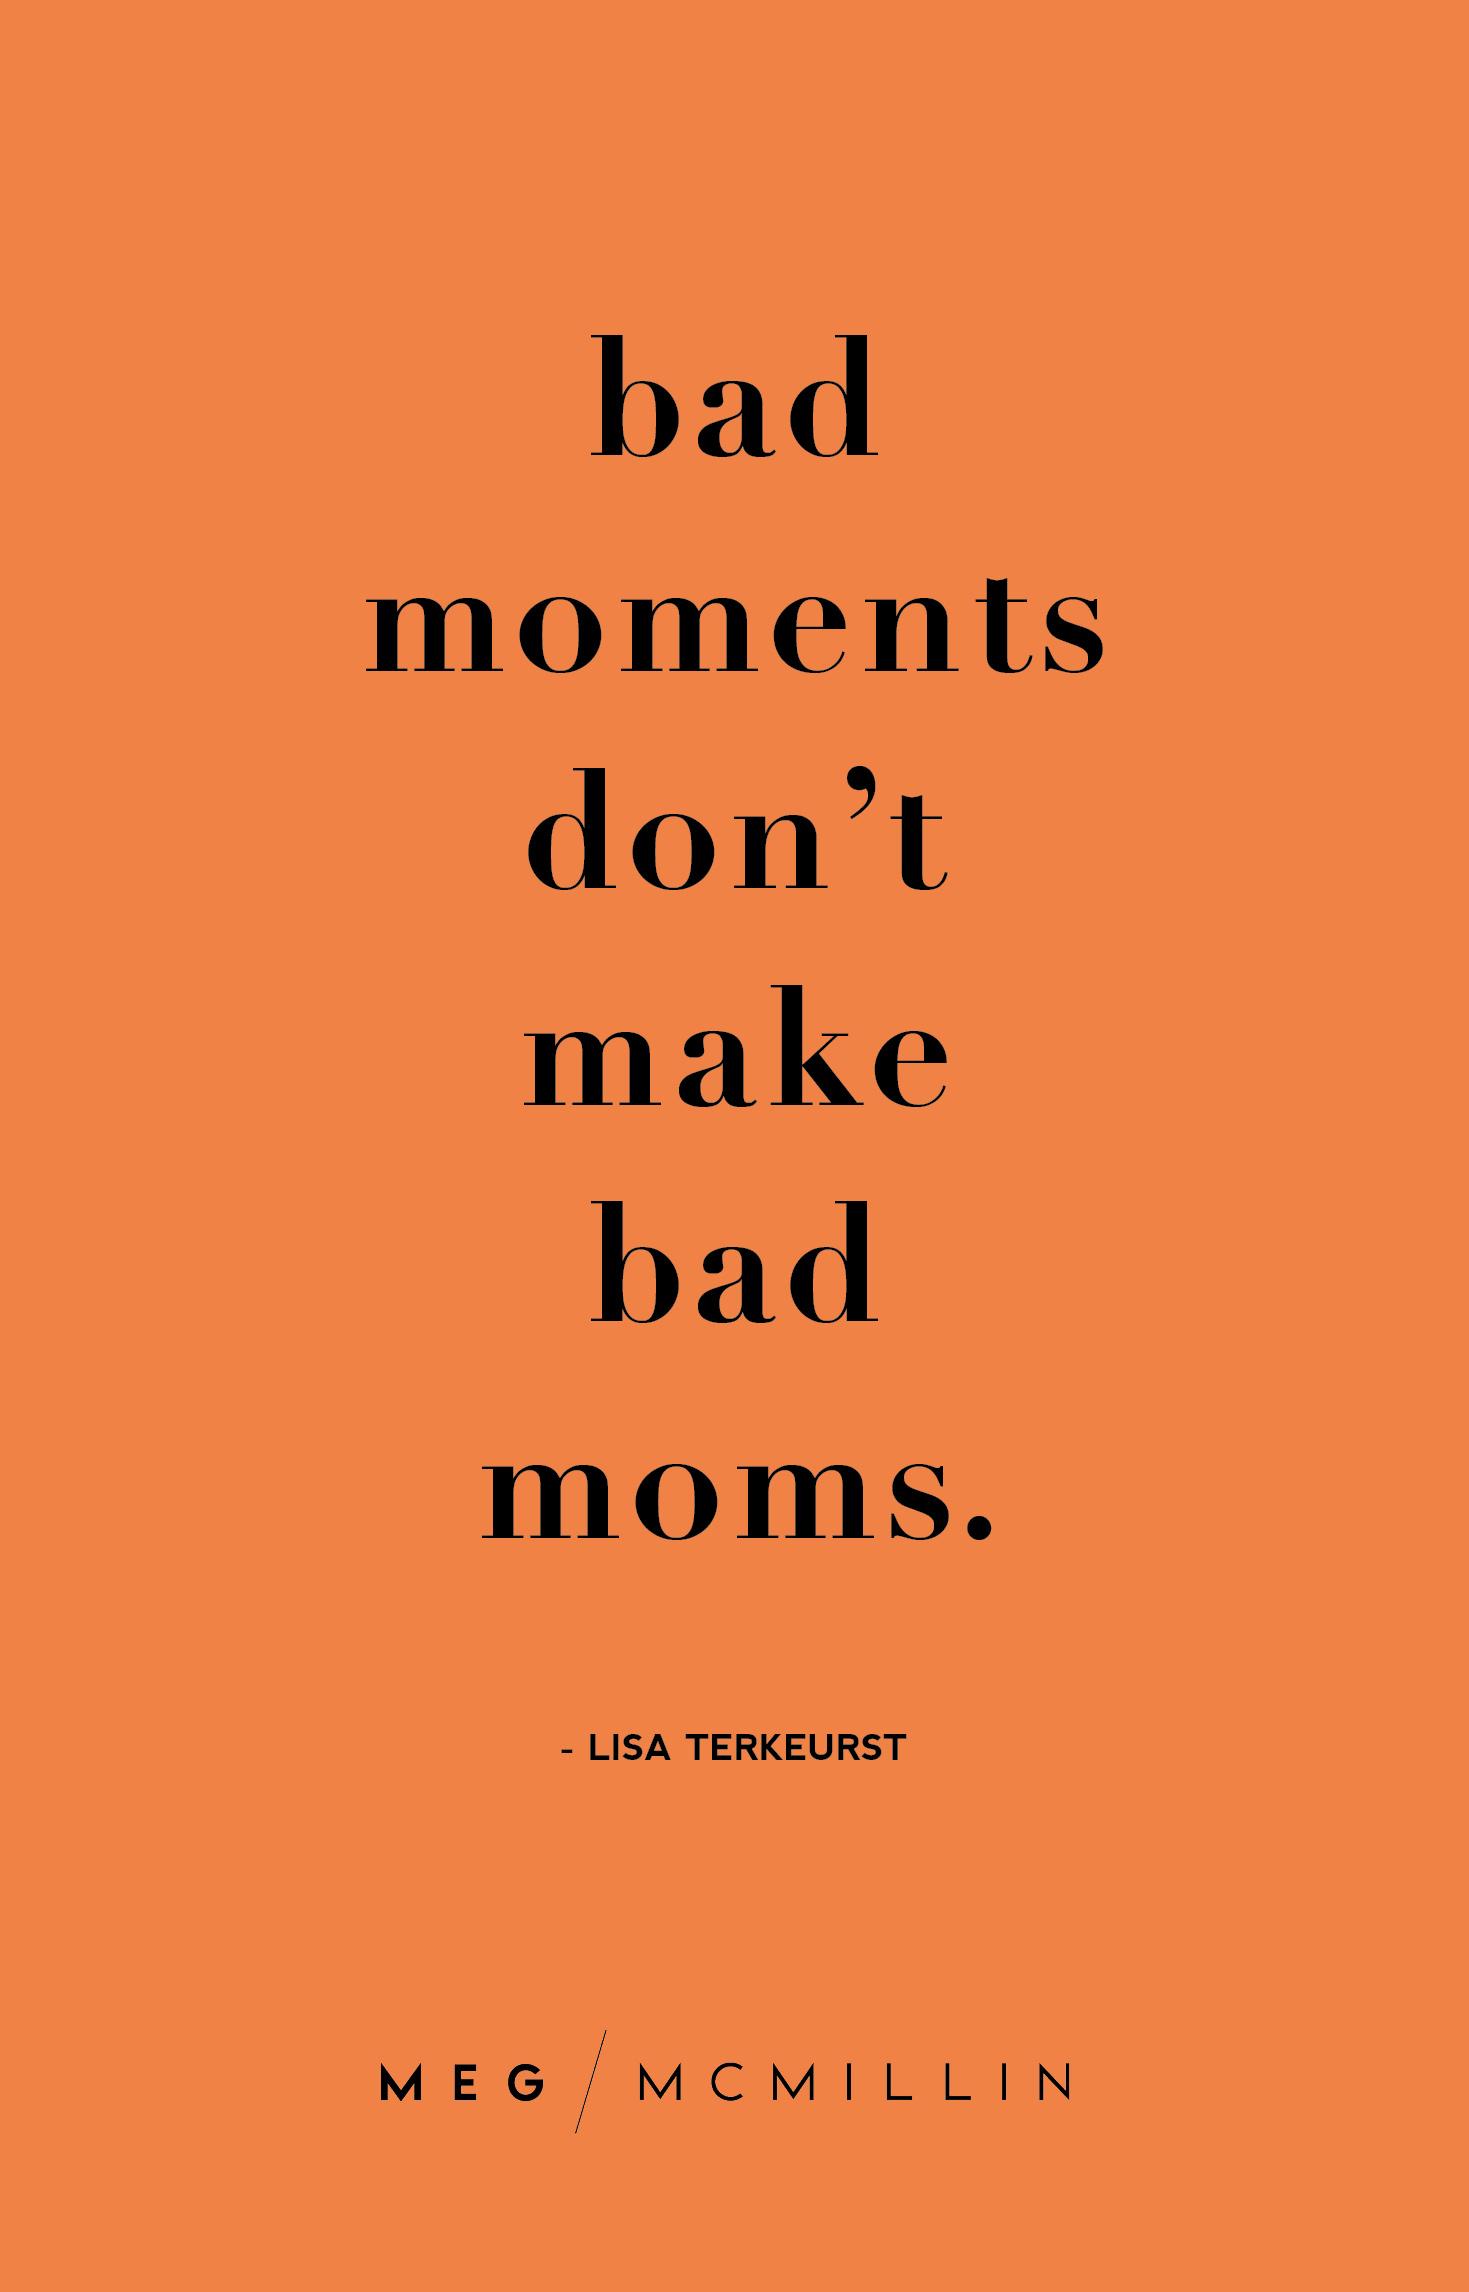 10 Inspiring Mom Quotes To Get You Through A Tough Day Meg Mcmillin